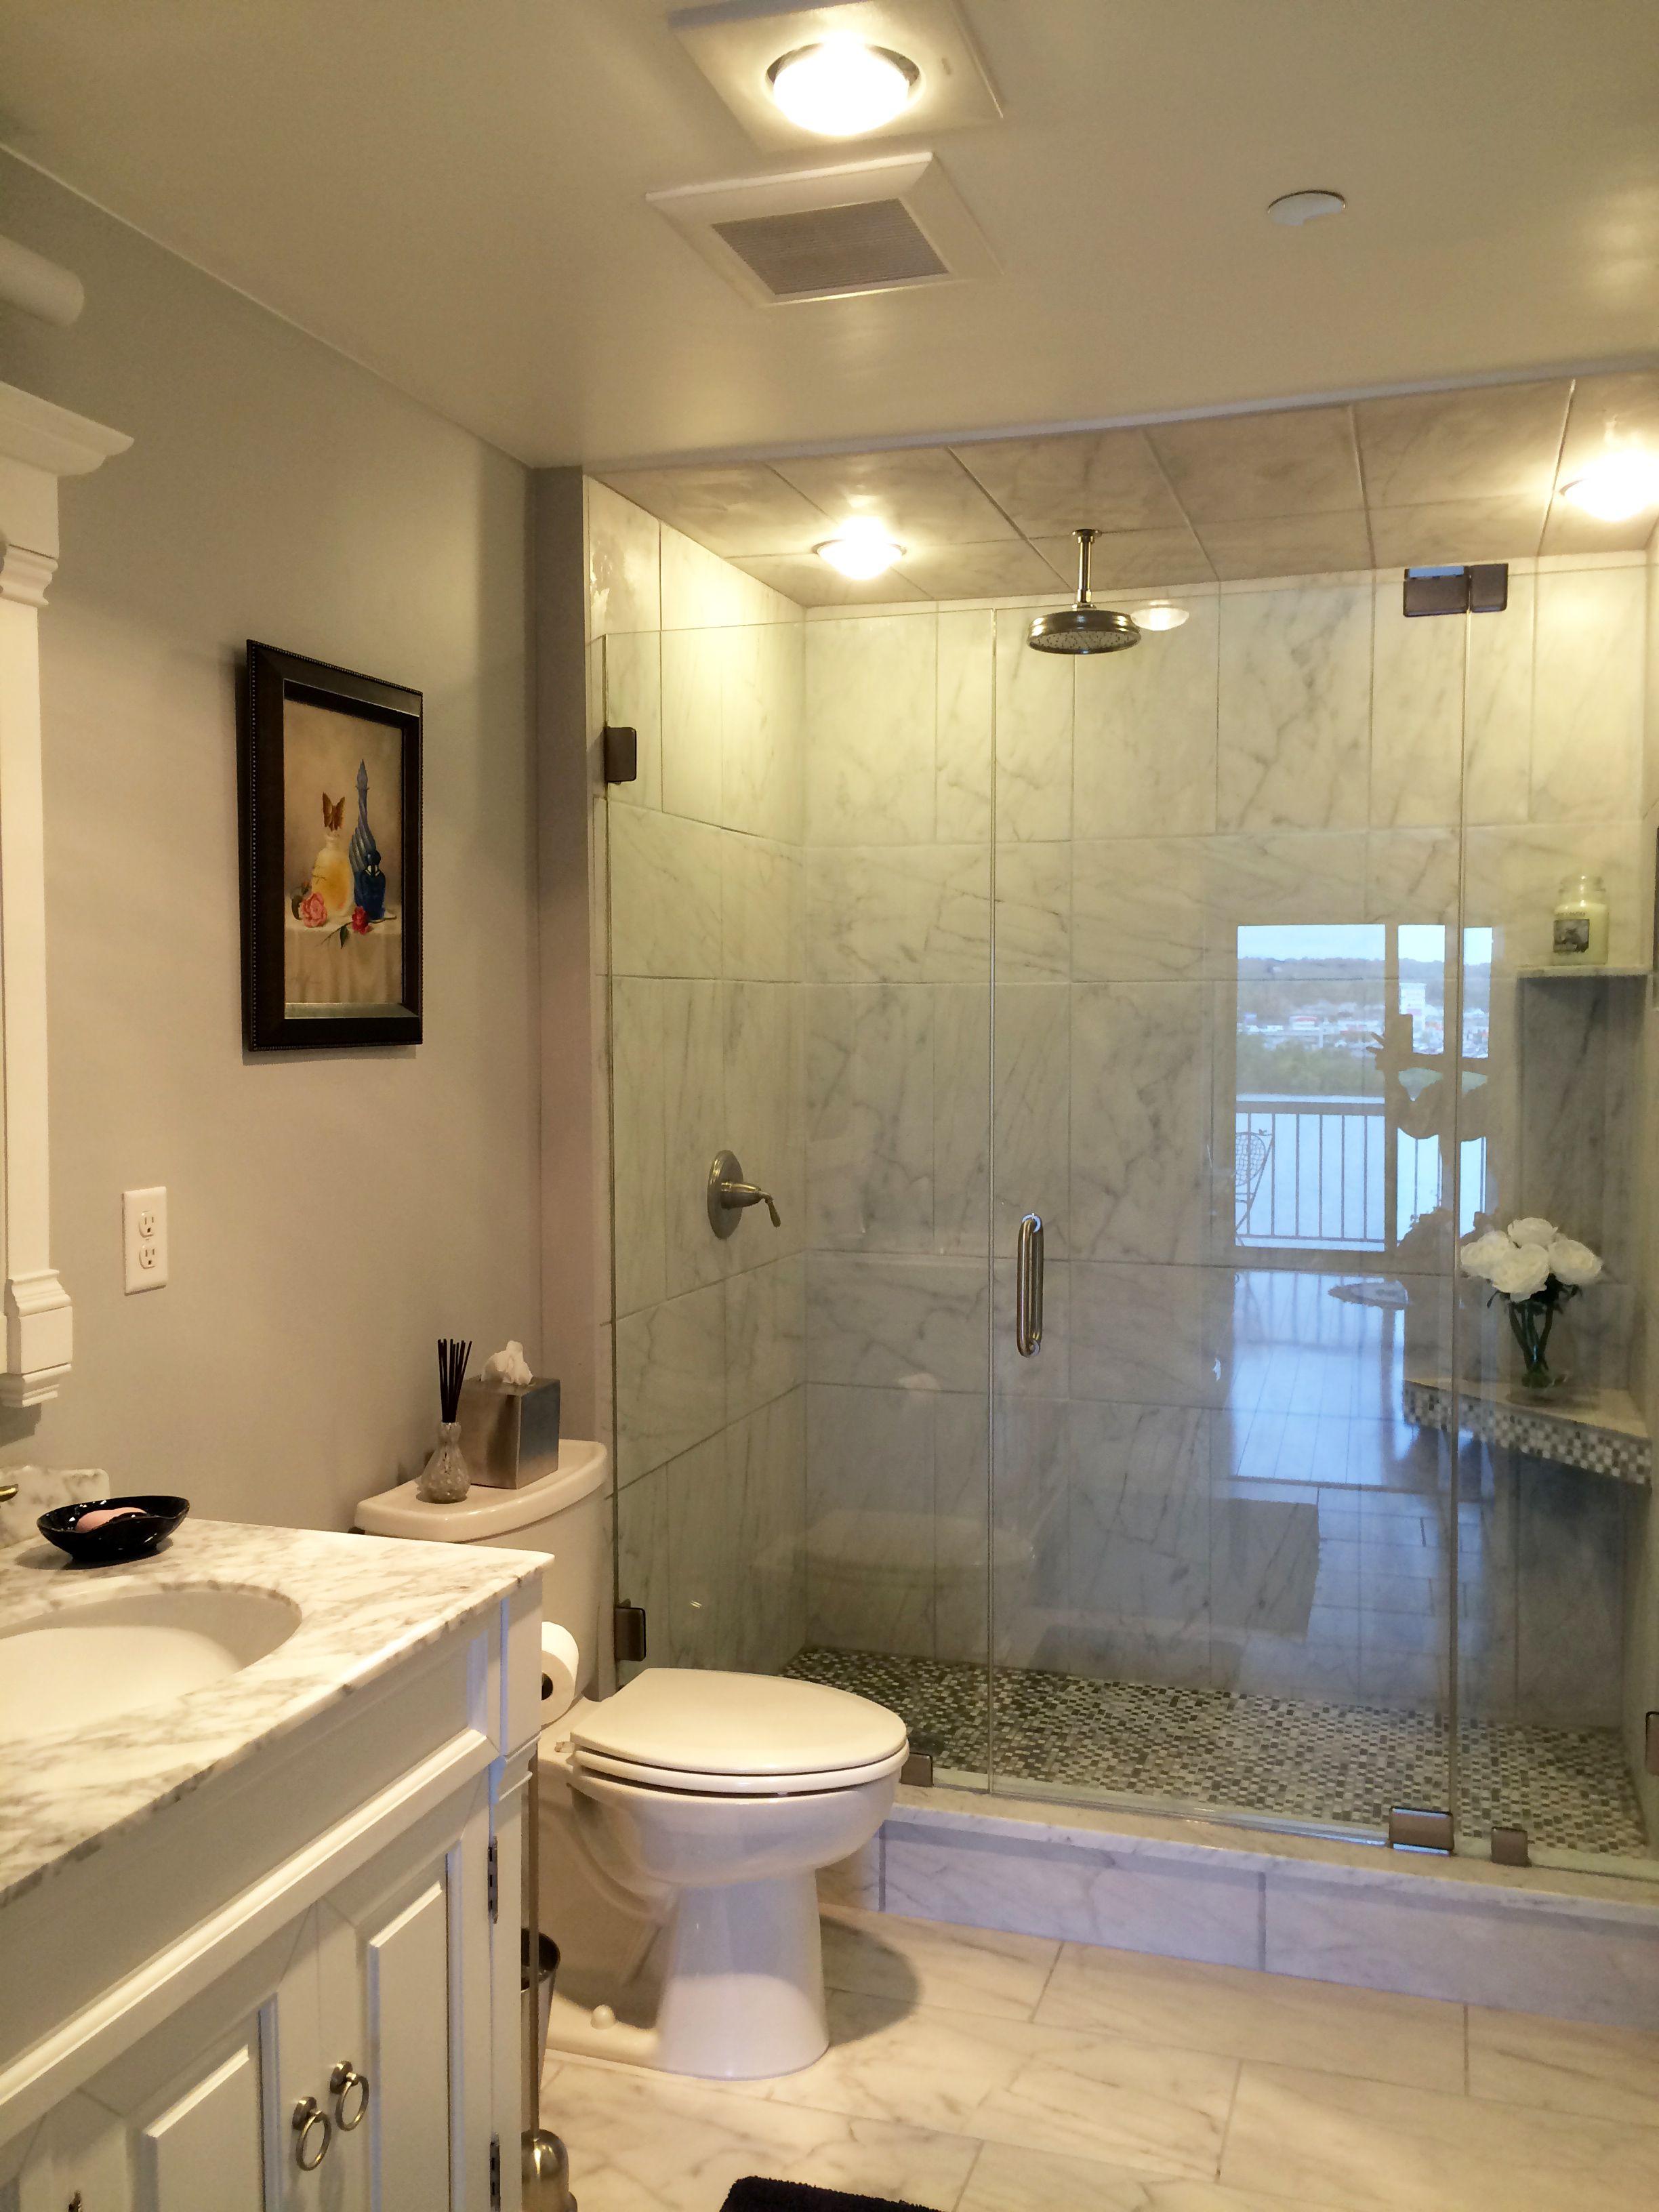 Bathroom Makeover Design My Kitchen Bathrooms Remodel Bathroom Makeover